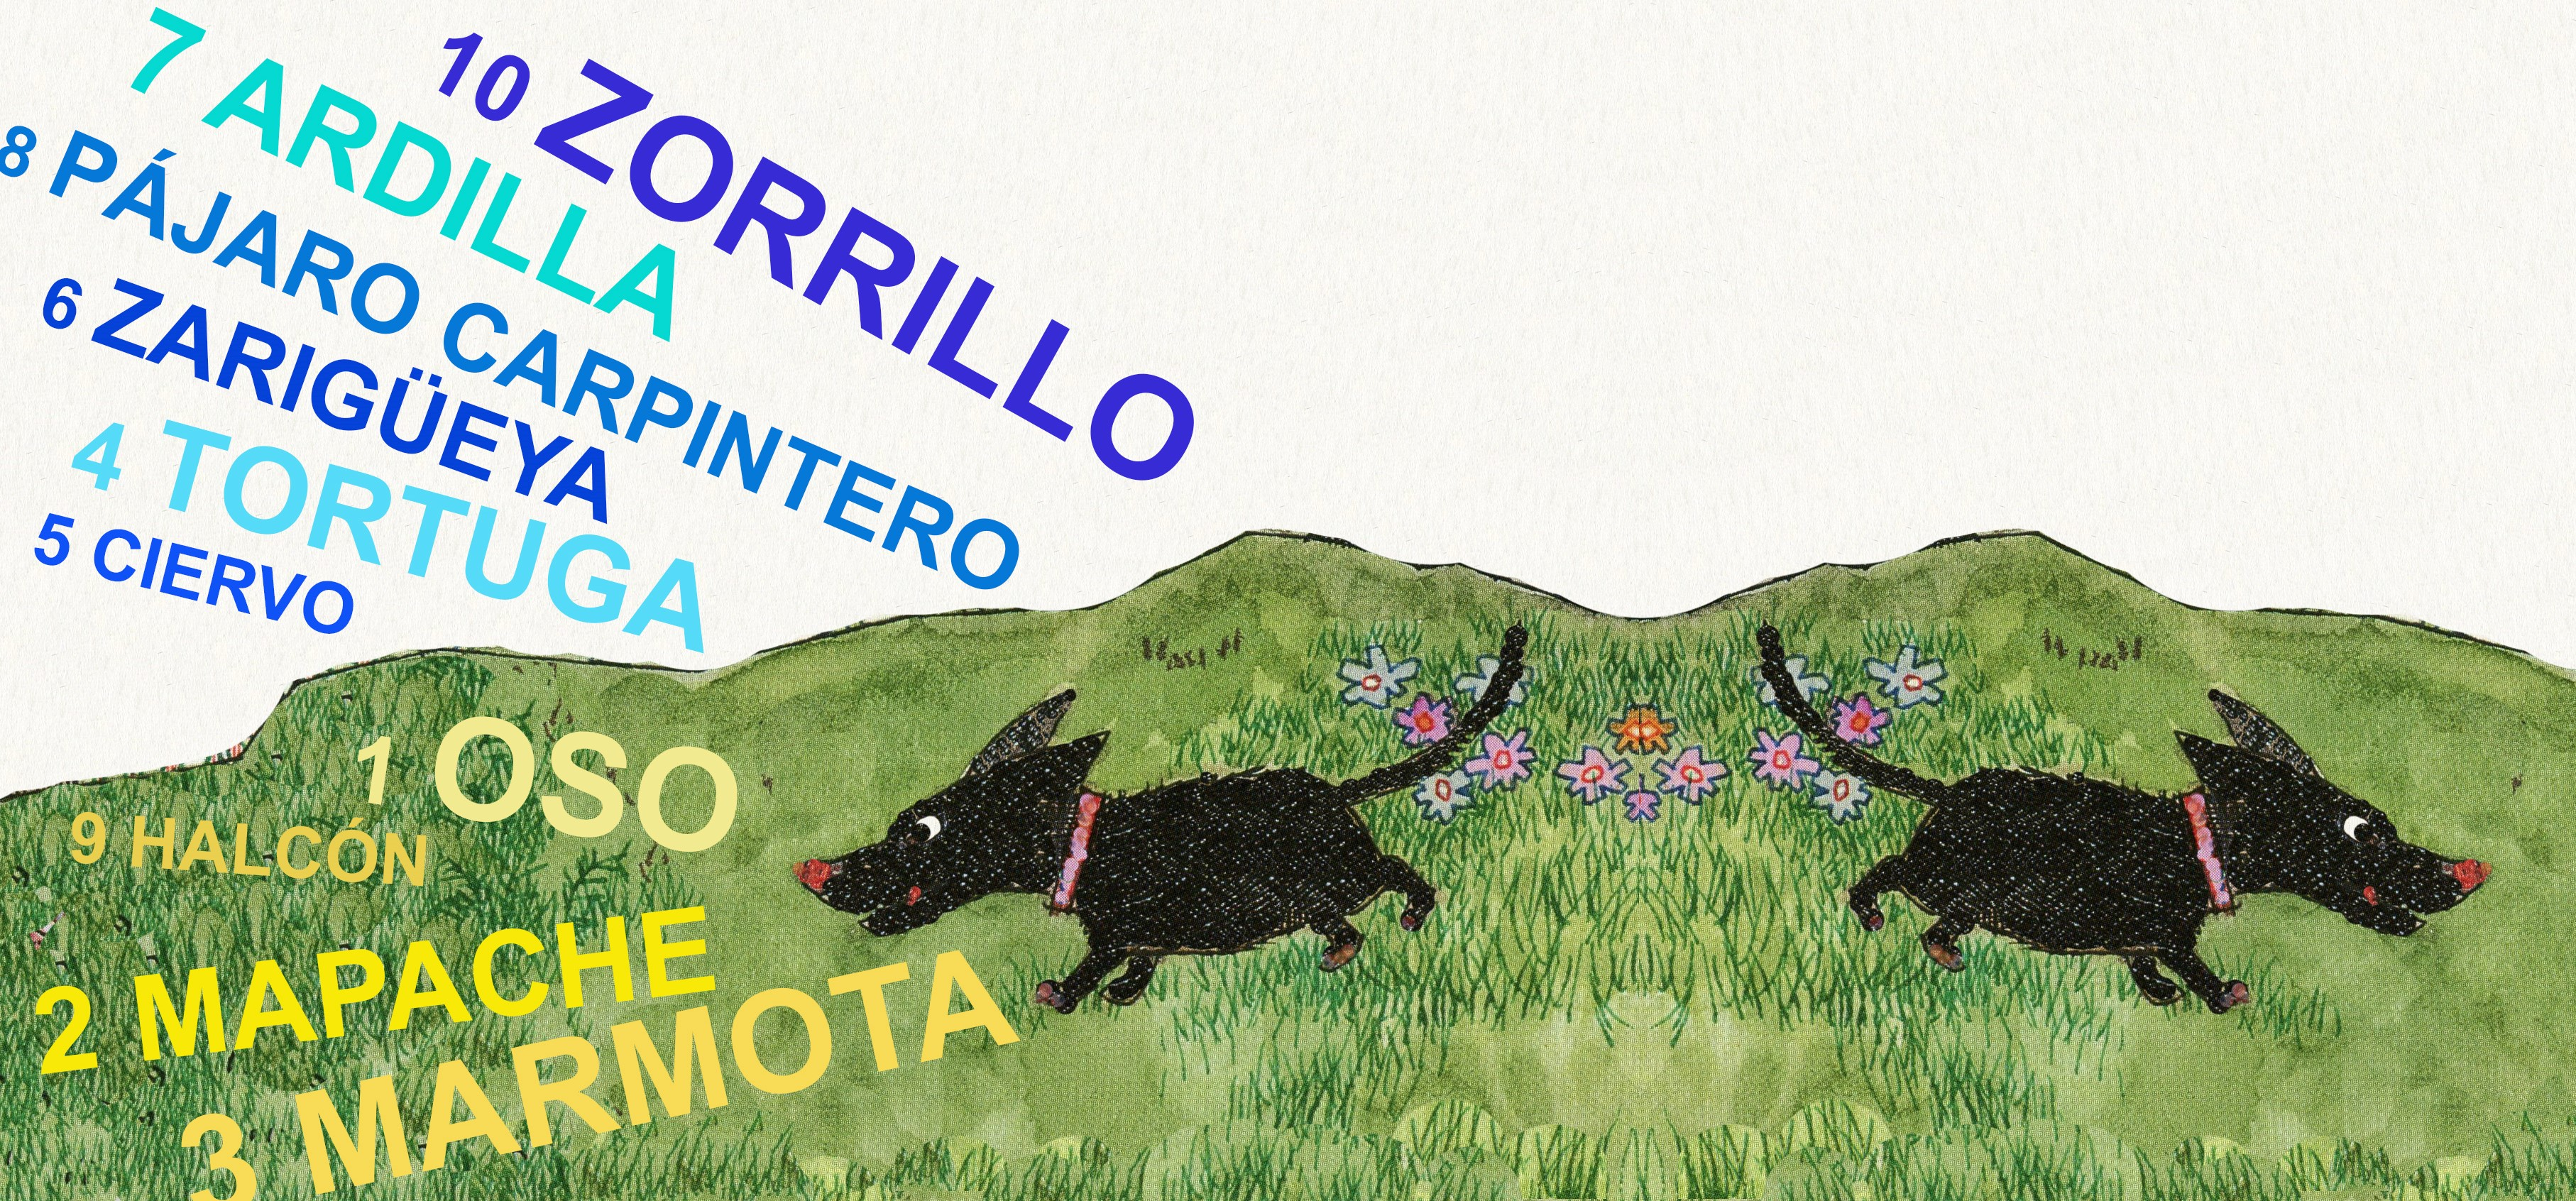 Escribe en inglés los nombres de estos animales que viven en el Valle del Hudson, ilustraciónde Cristina Brusca